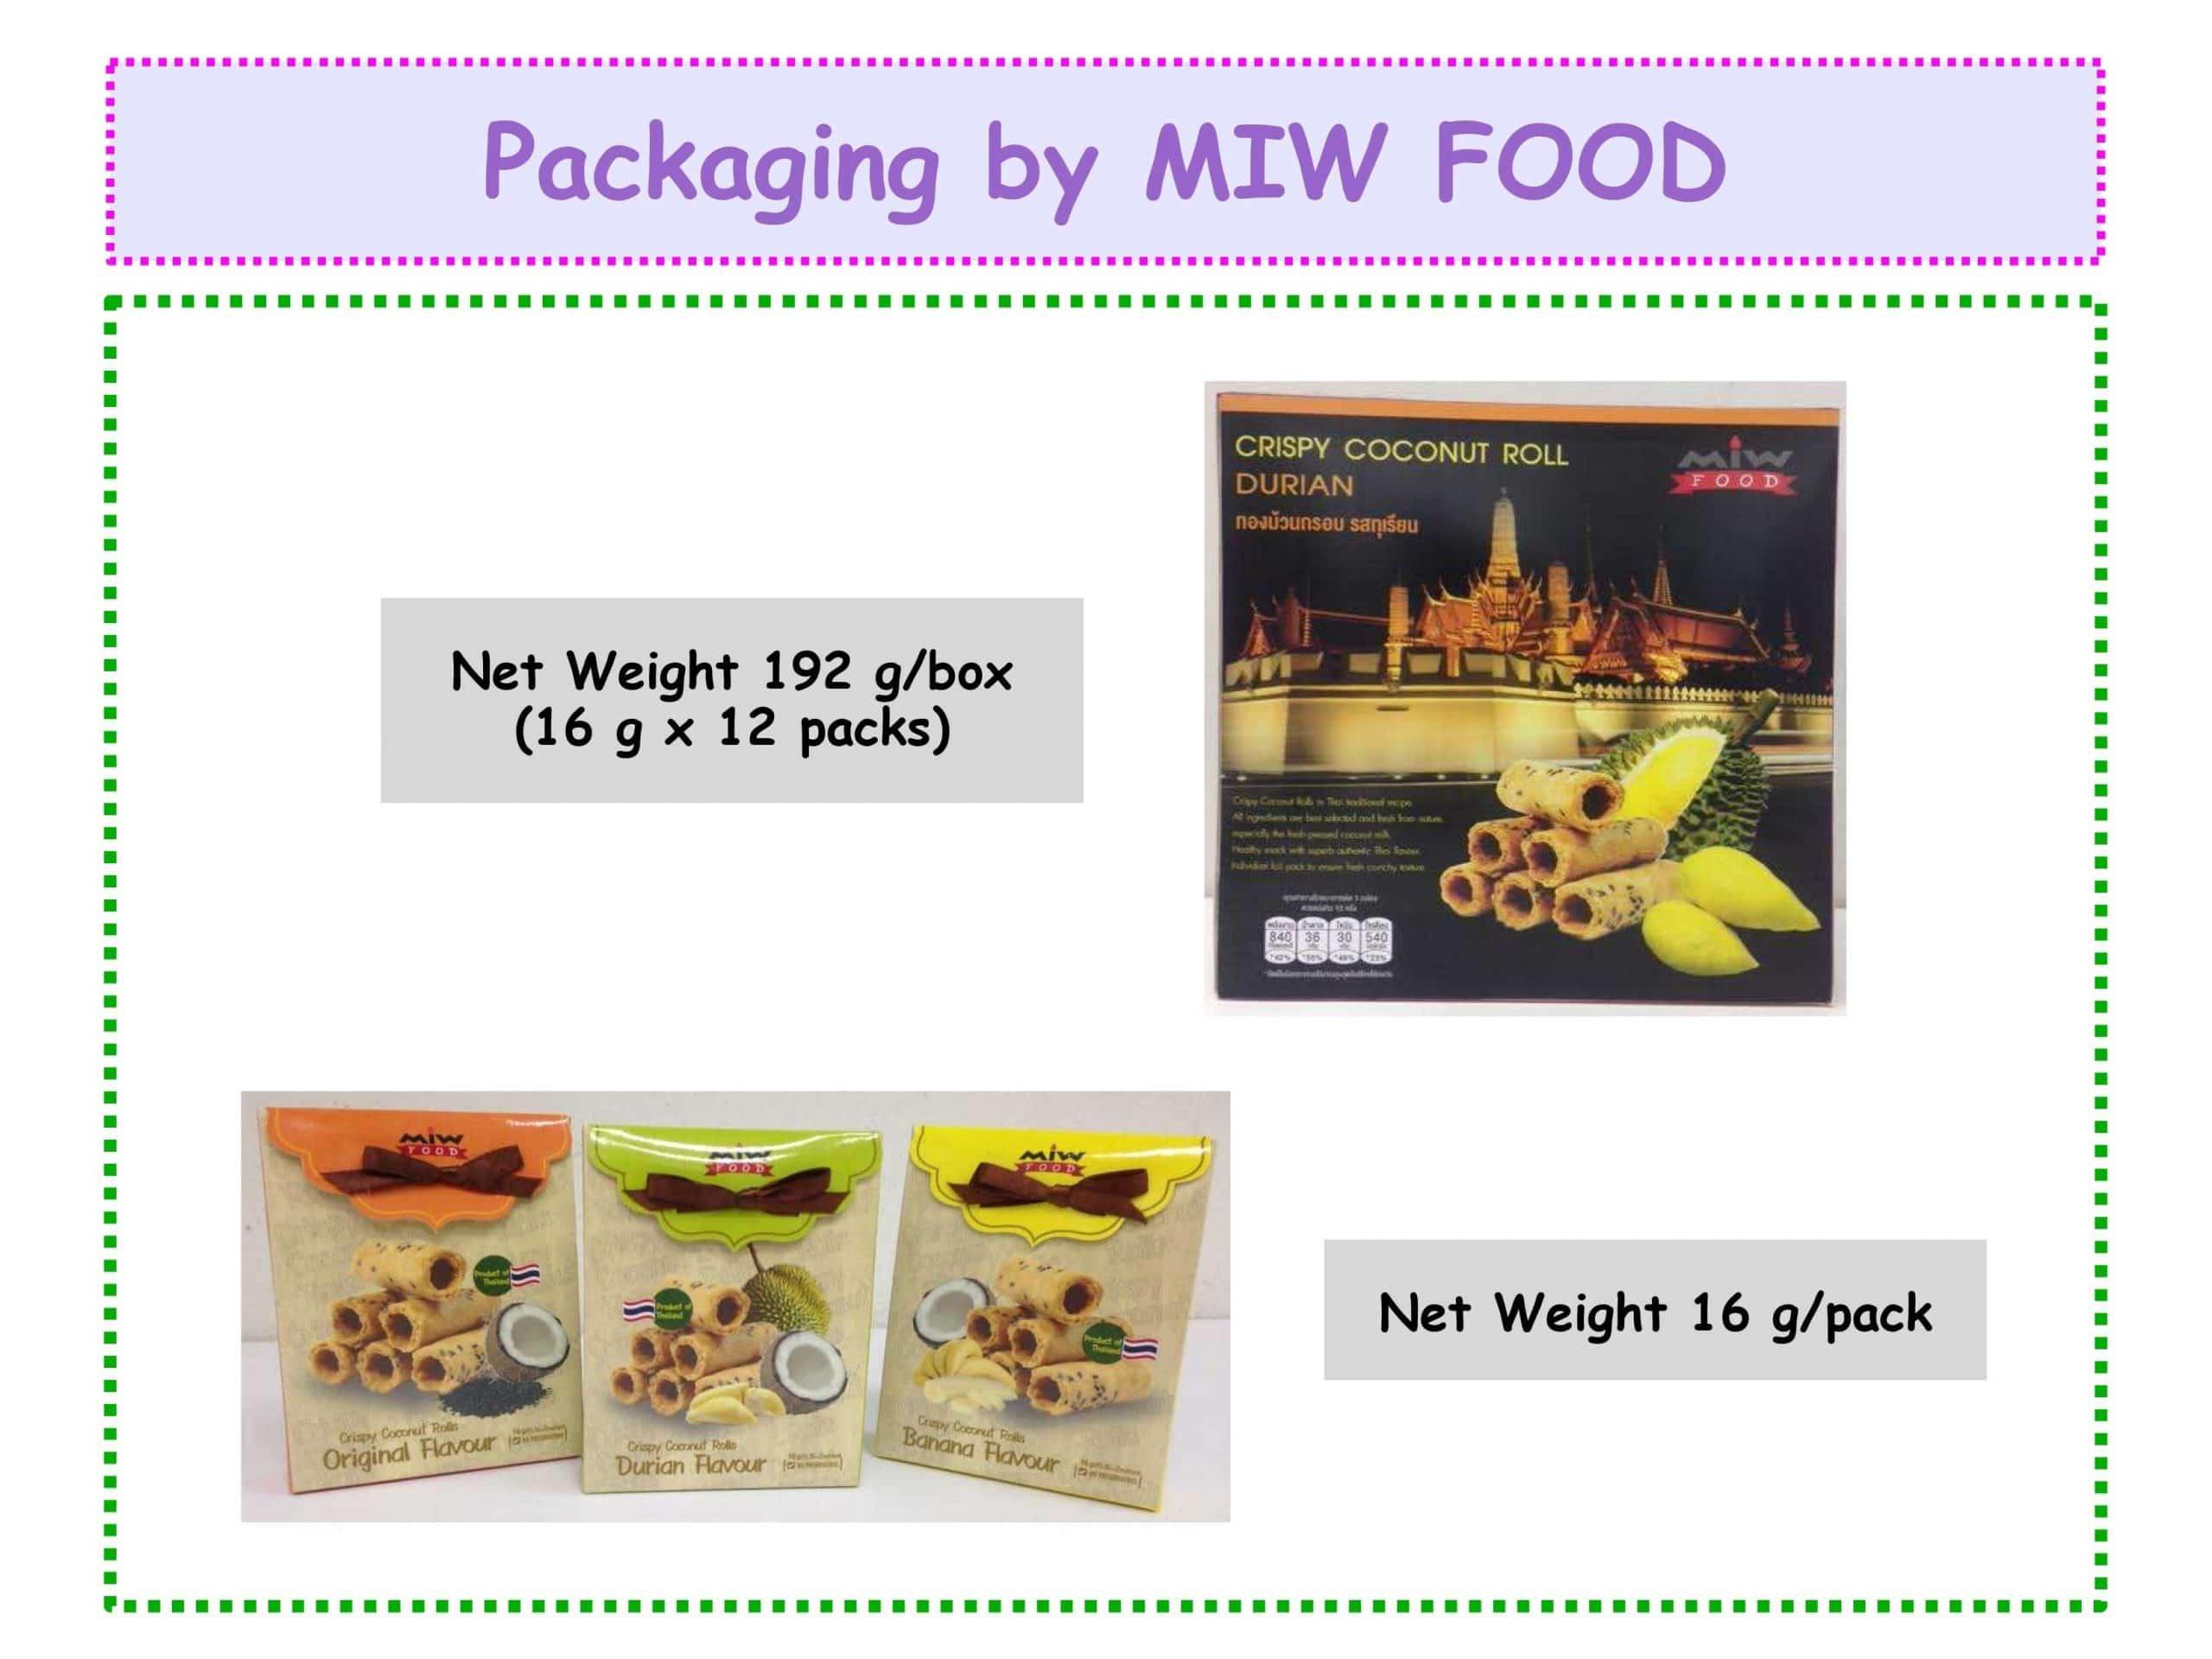 08_PackagingbyMIWFOOD